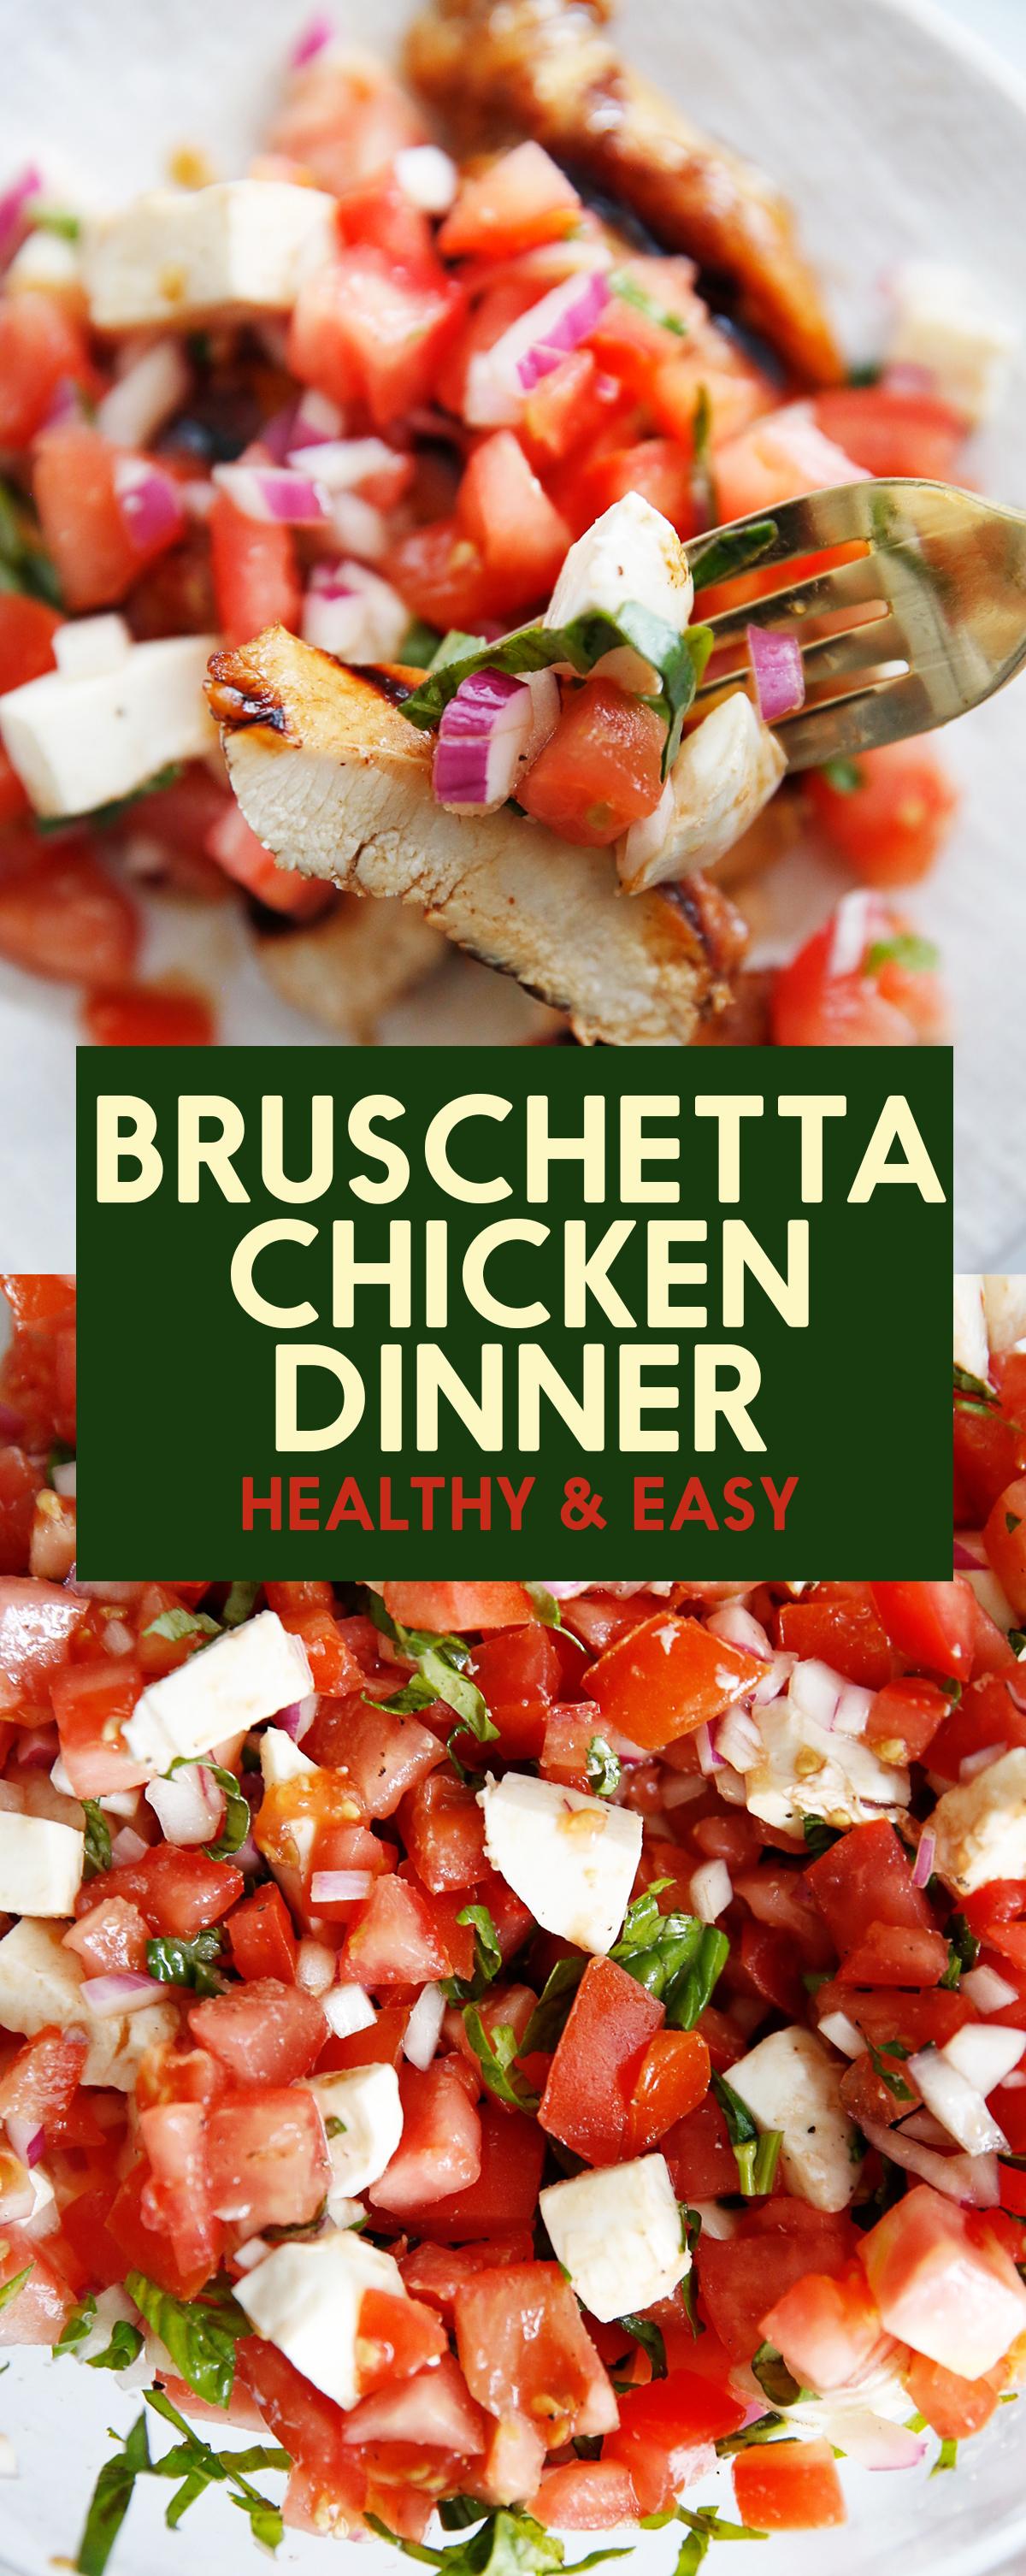 Easy Grilled Bruschetta Chicken Recipe 37